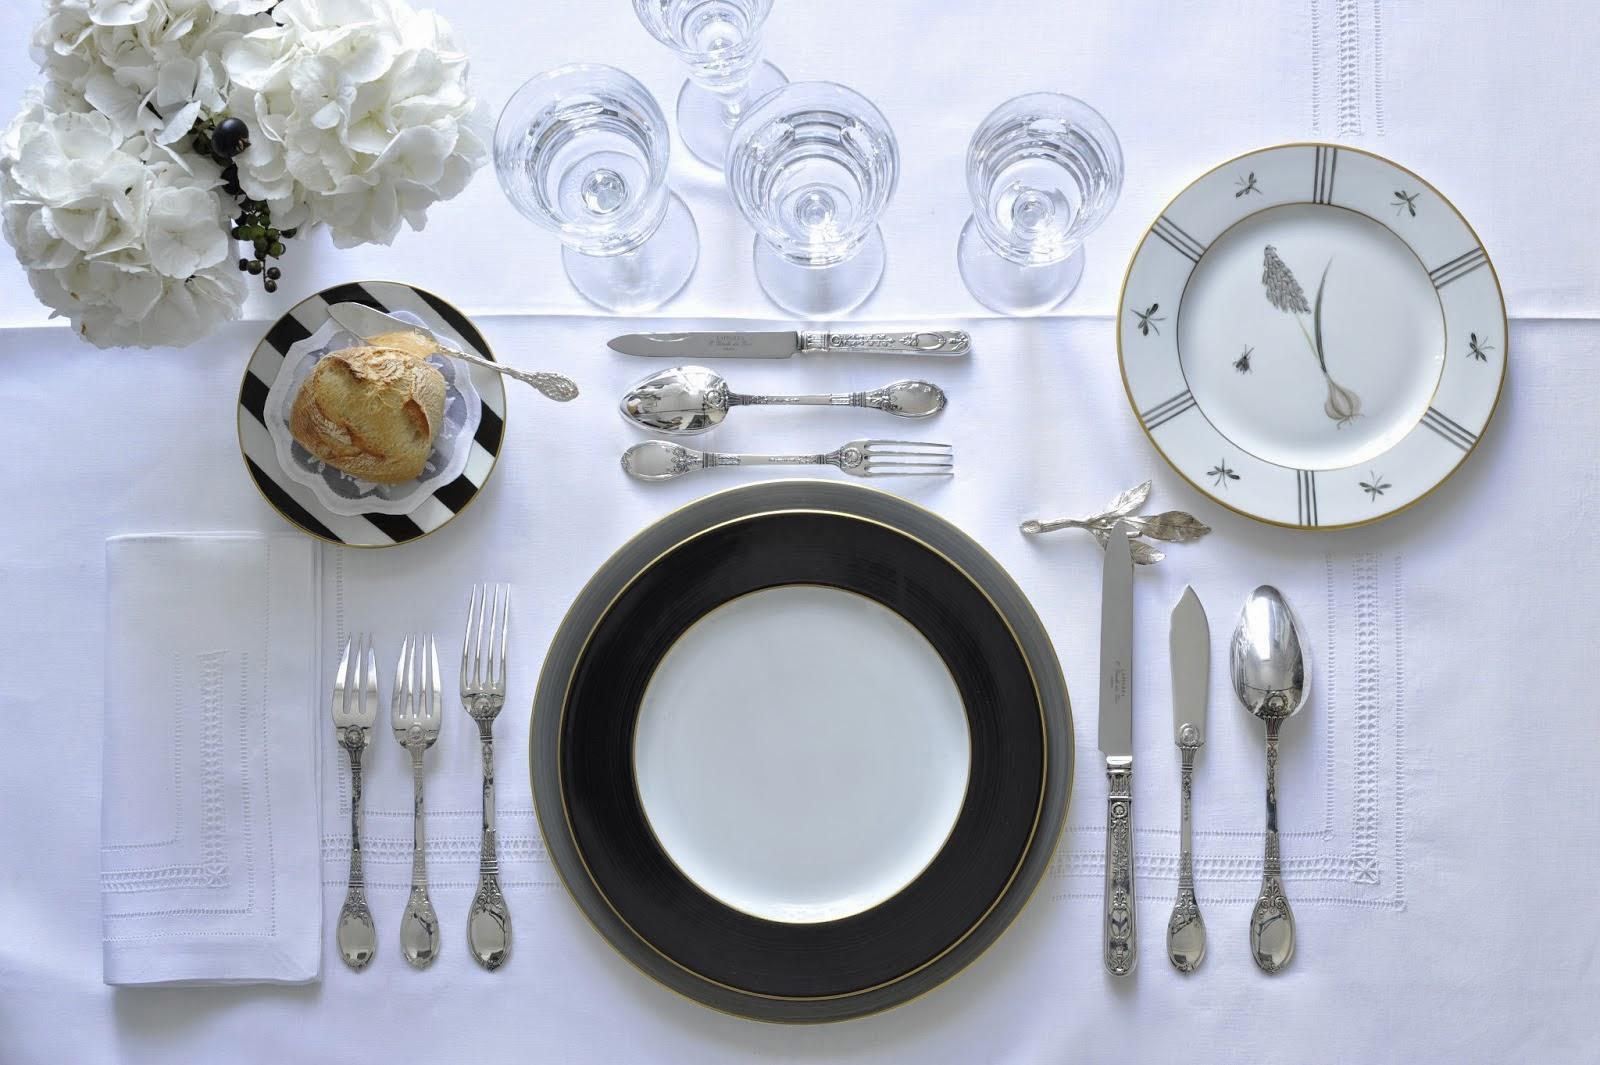 L 39 art de la table avec la bosse des noces etre radieuse par josianne brousseau - Fourchette a droite ou a gauche ...